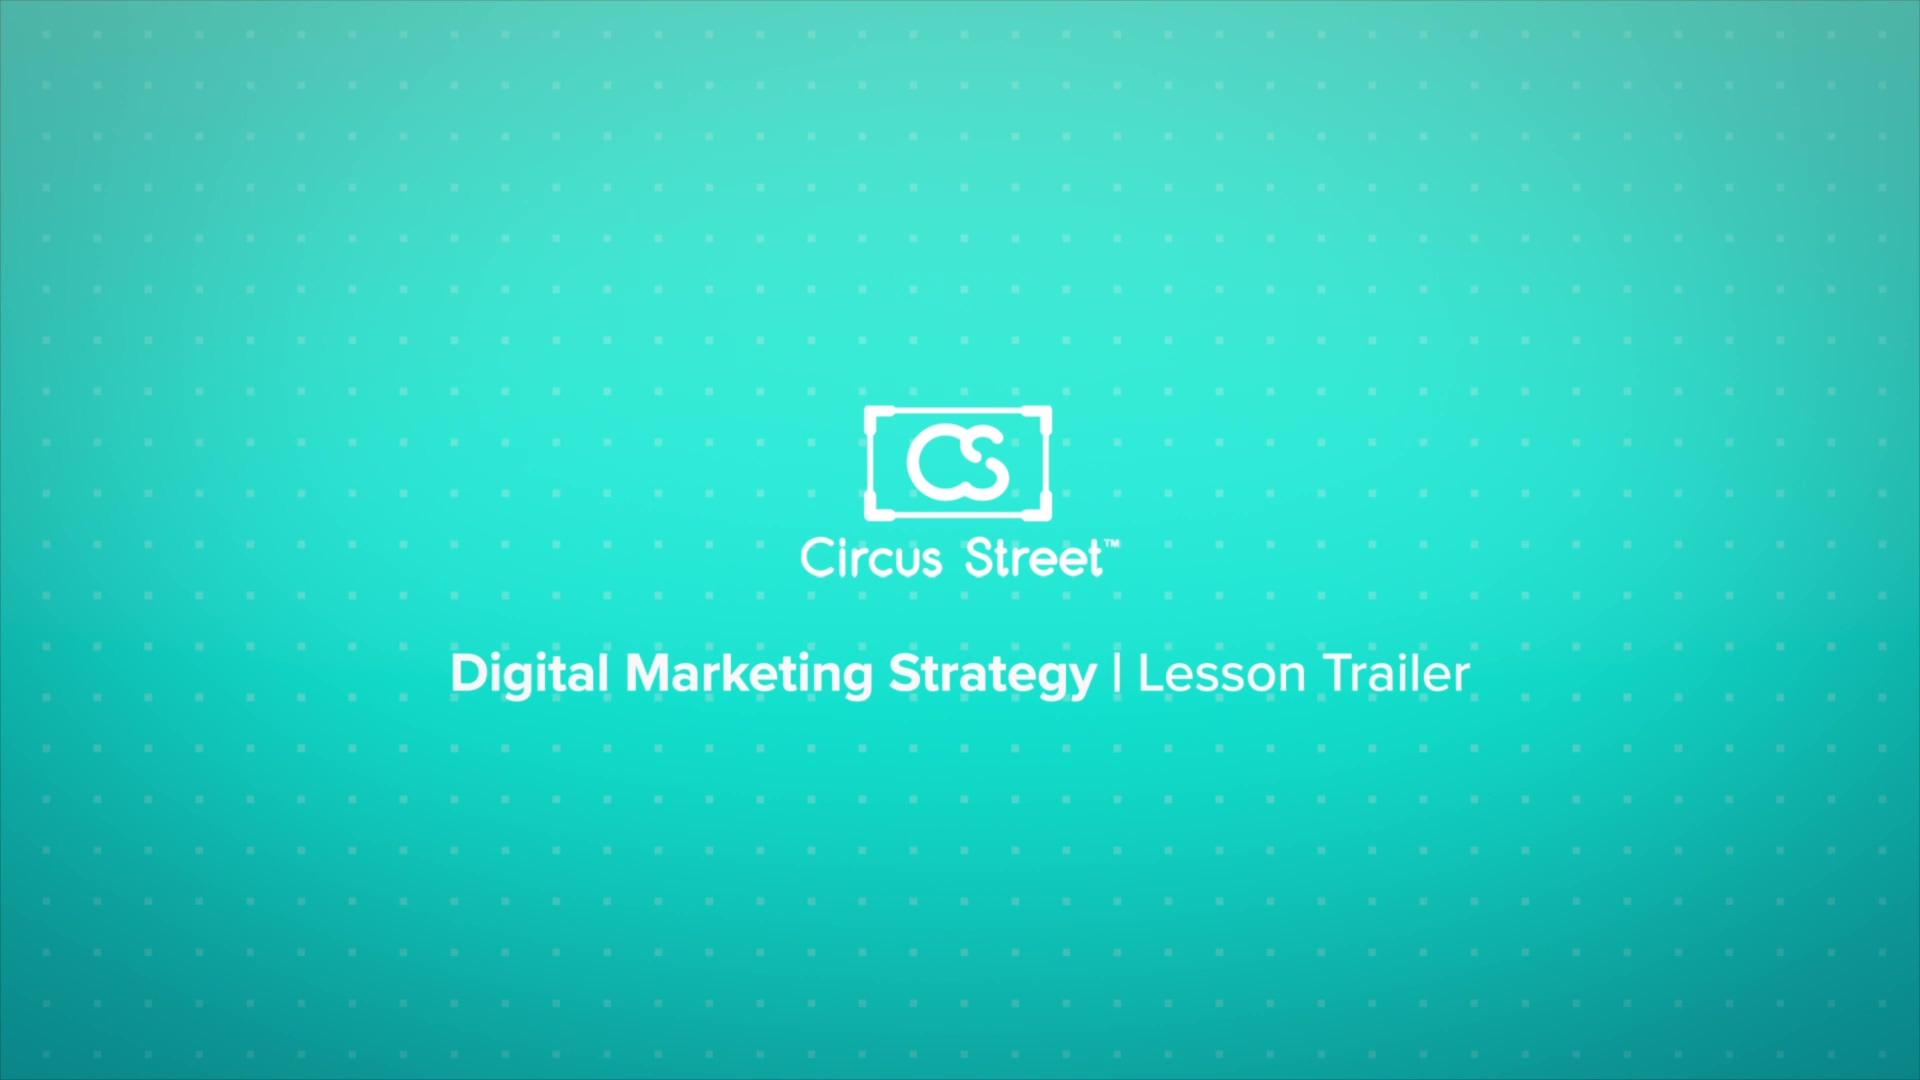 Digital Marketing Strategy Trailer